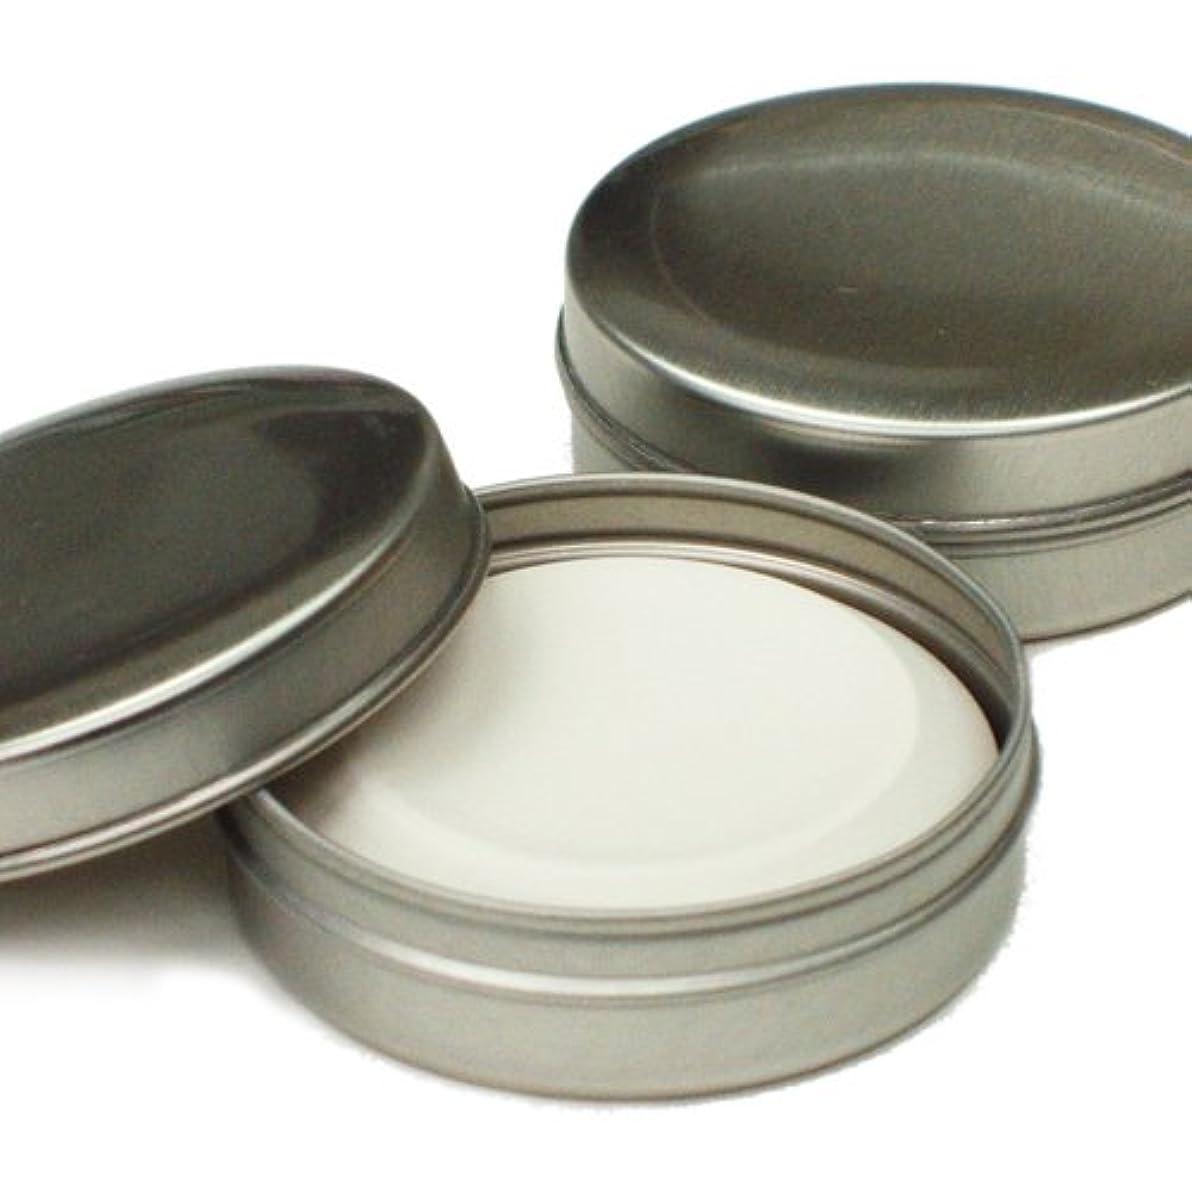 広範囲にアダルト攻撃的アロマストーン アロマプレート アルミ缶入 2個セット 日本製 素焼き 陶器 アロマディフューザー